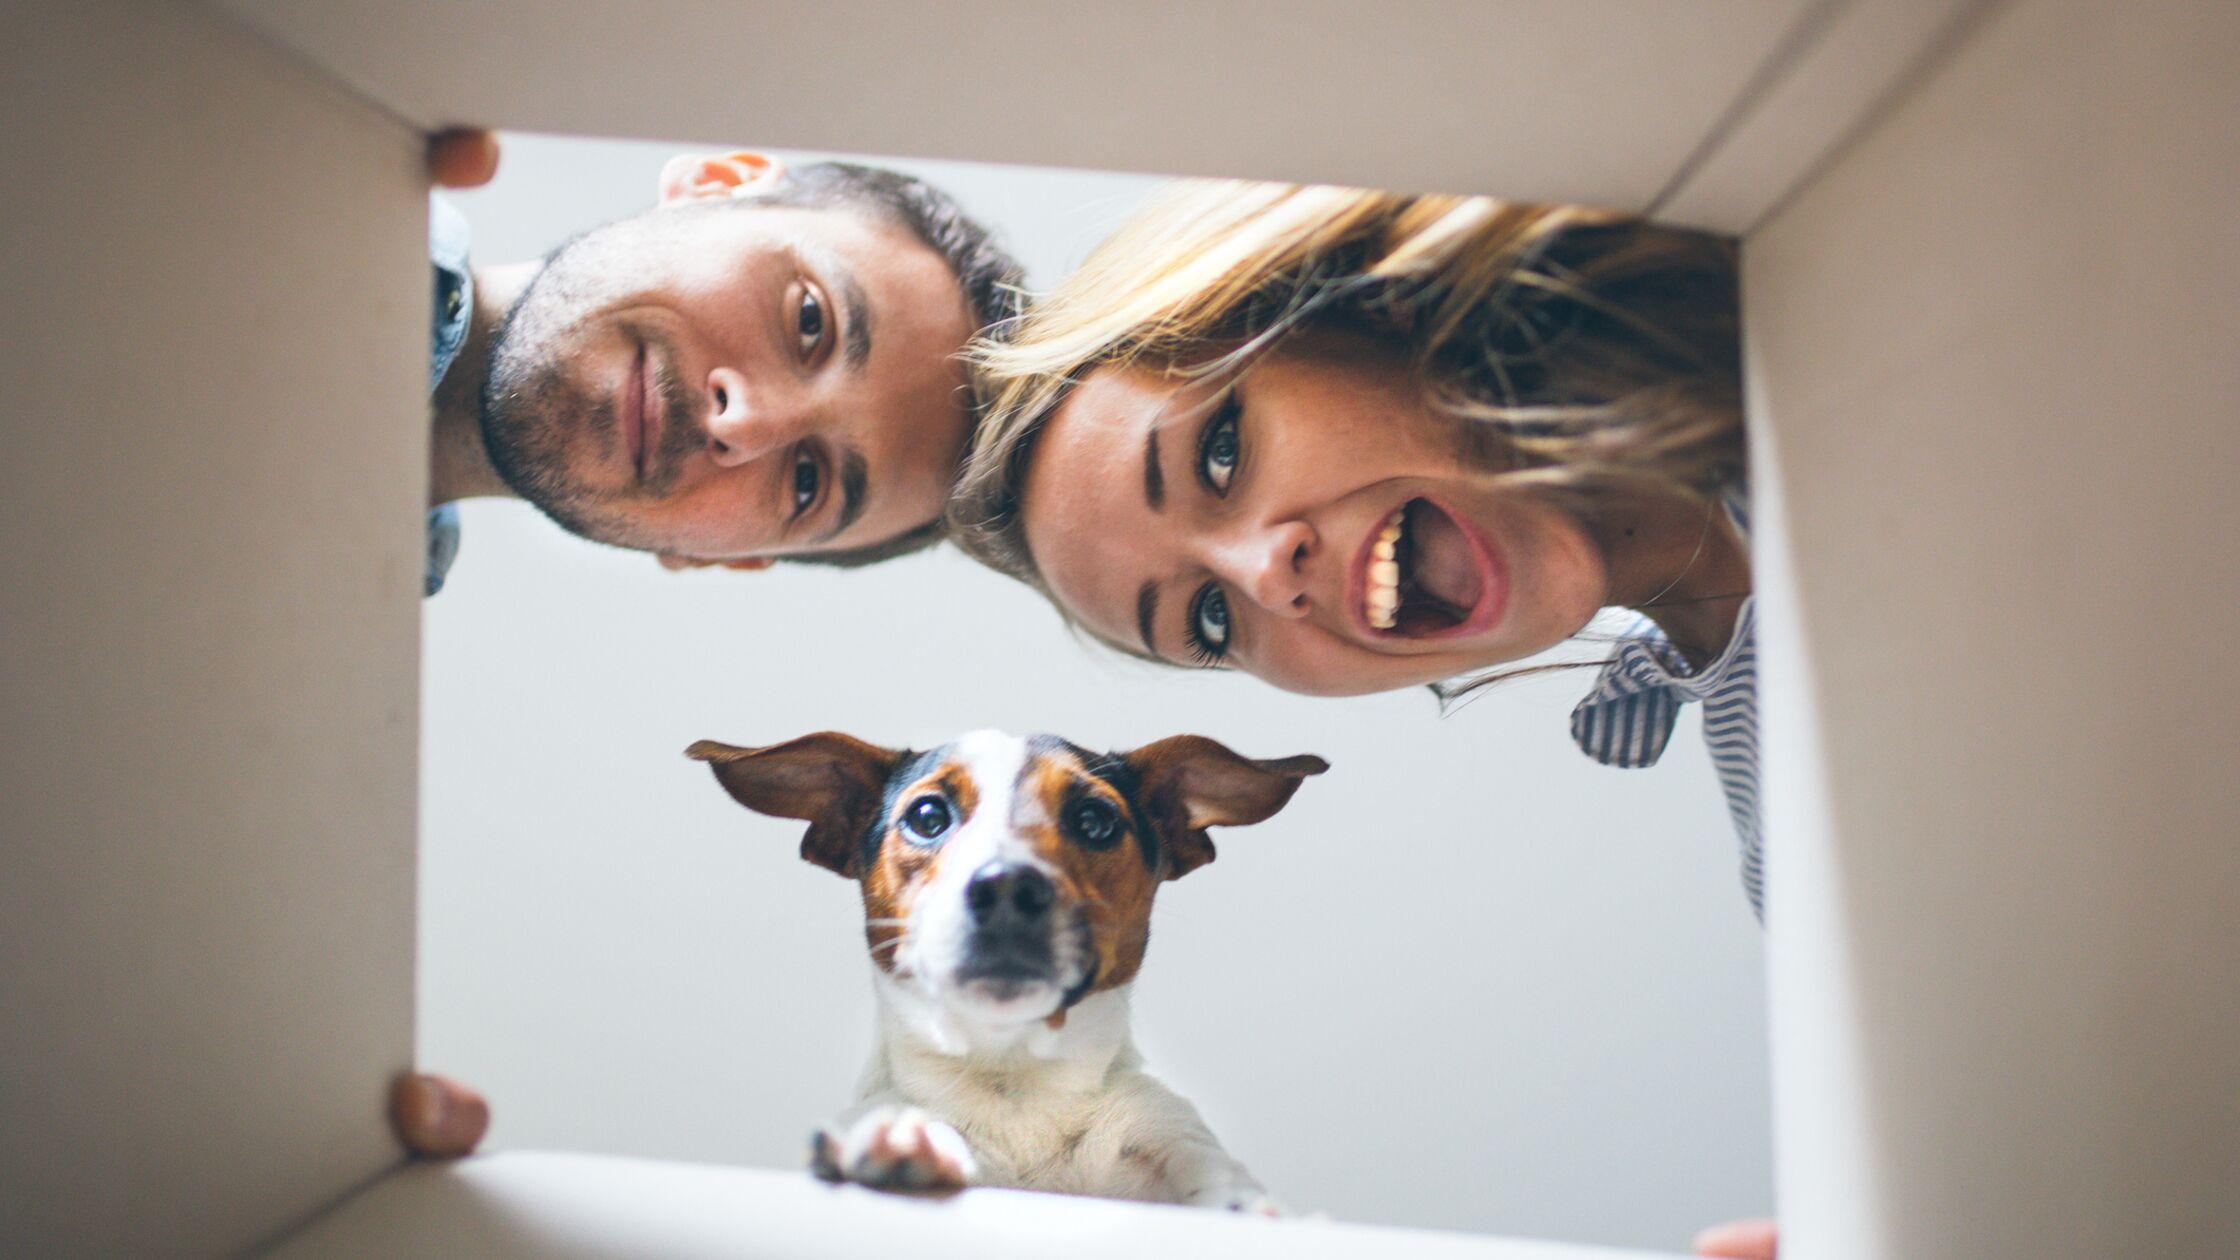 Pärchen und Hund schauen gemeinsam von oben in einen Umzugskarton hinein